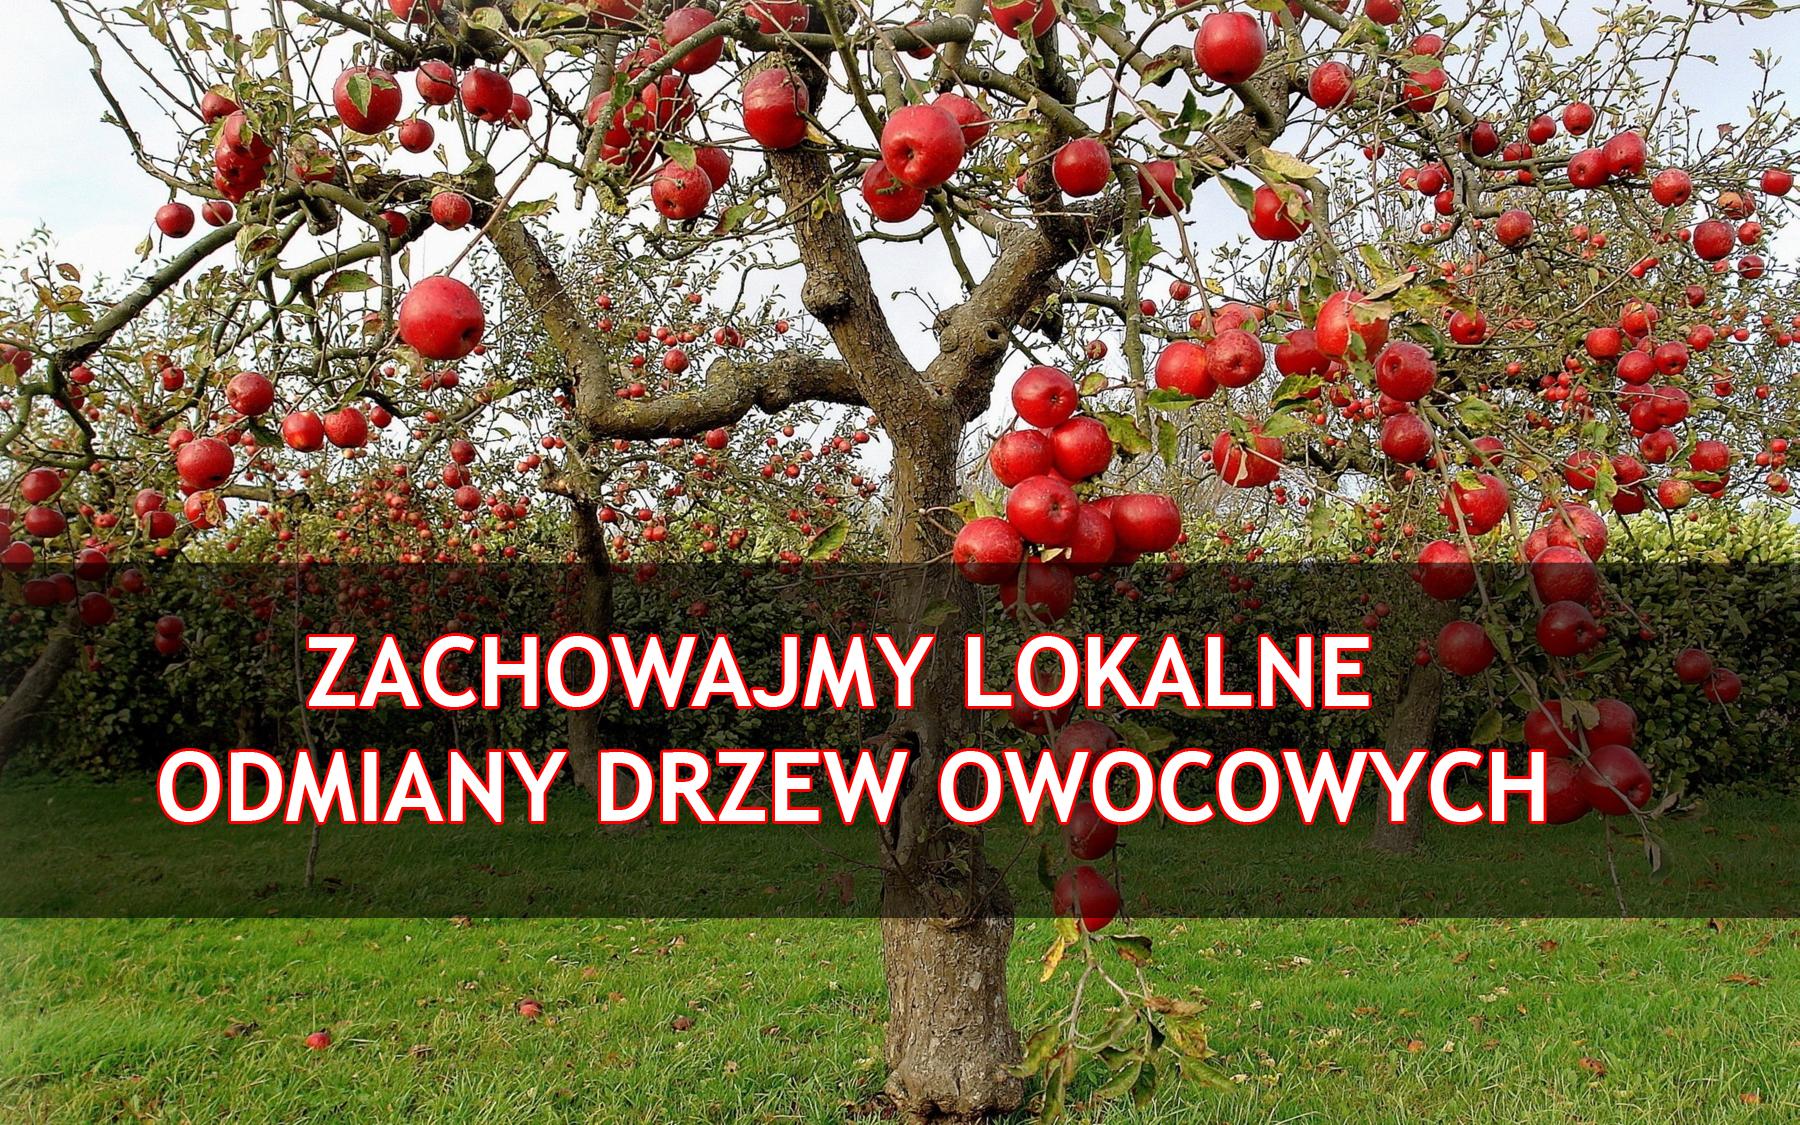 Zachowajmy lokalne odmiany drzew owocowych